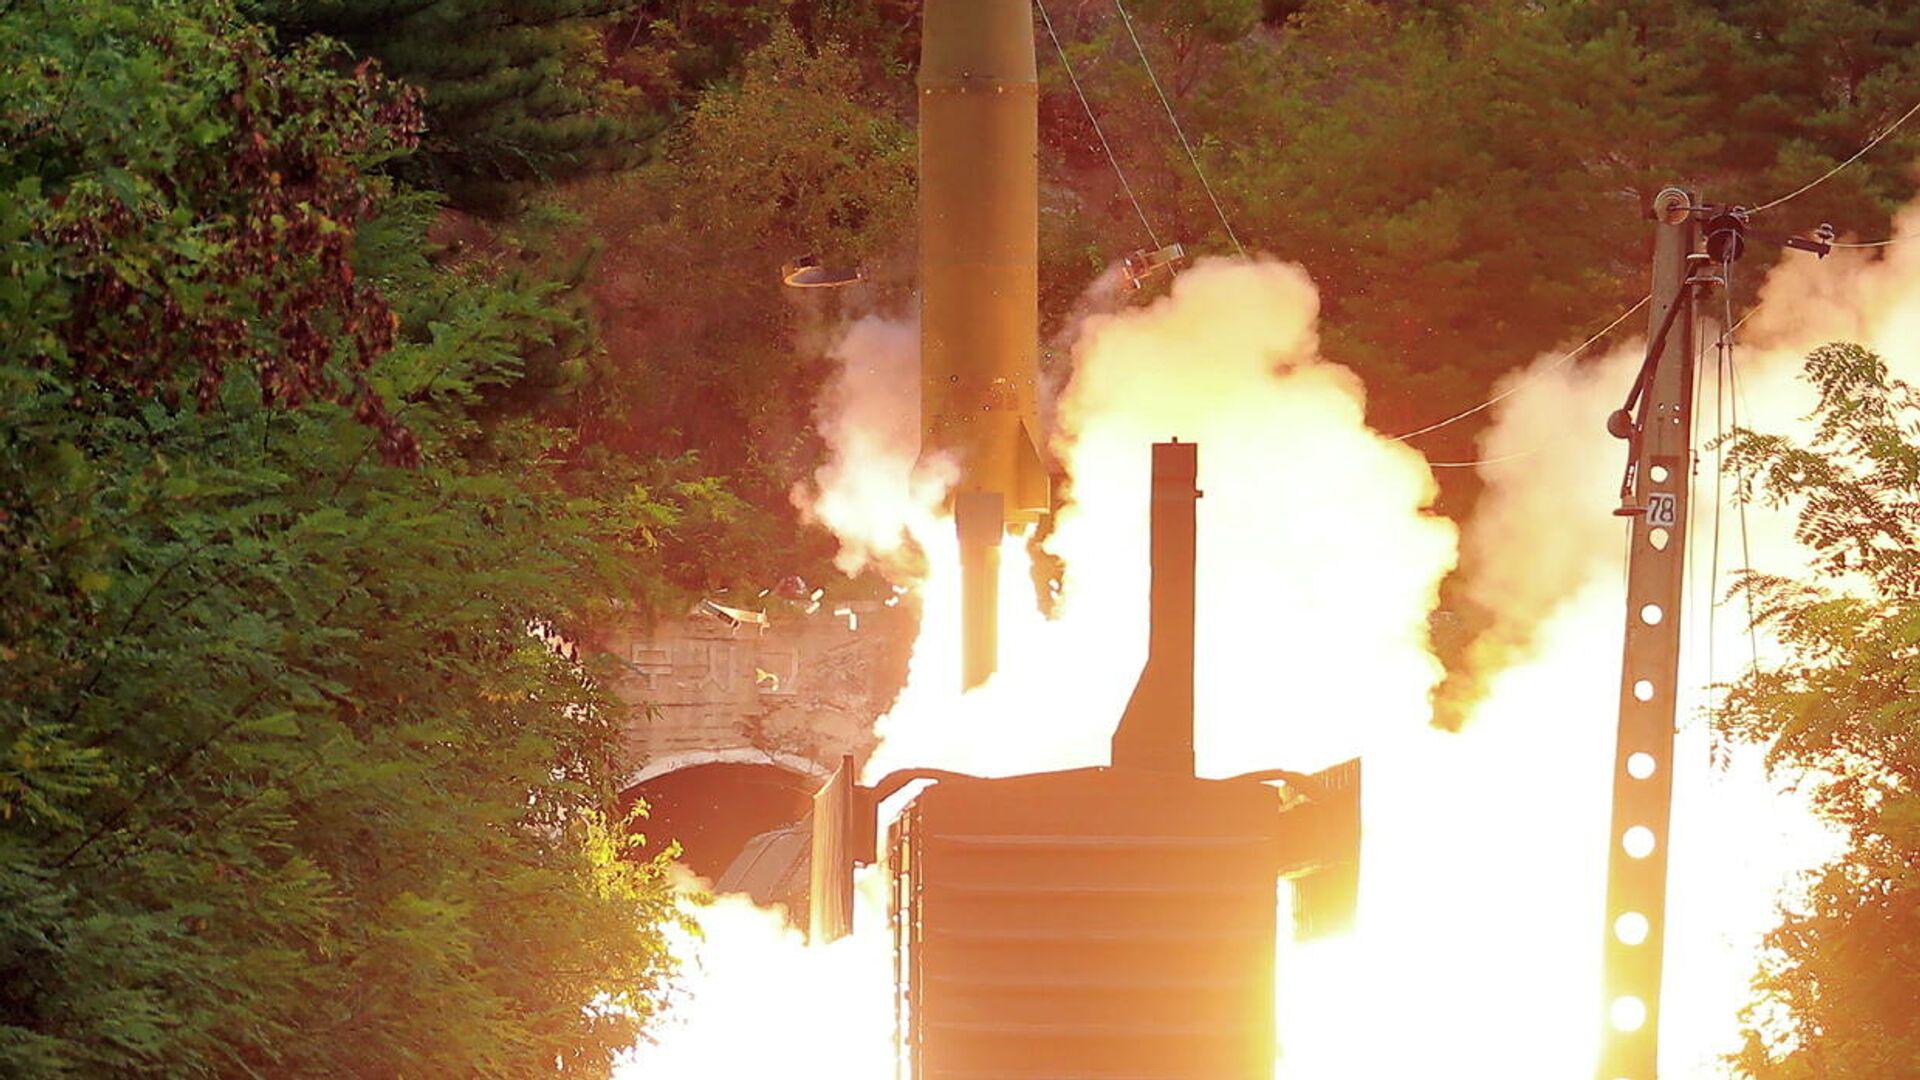 El sistema de misiles ferroviario norcoreano - Sputnik Mundo, 1920, 16.09.2021